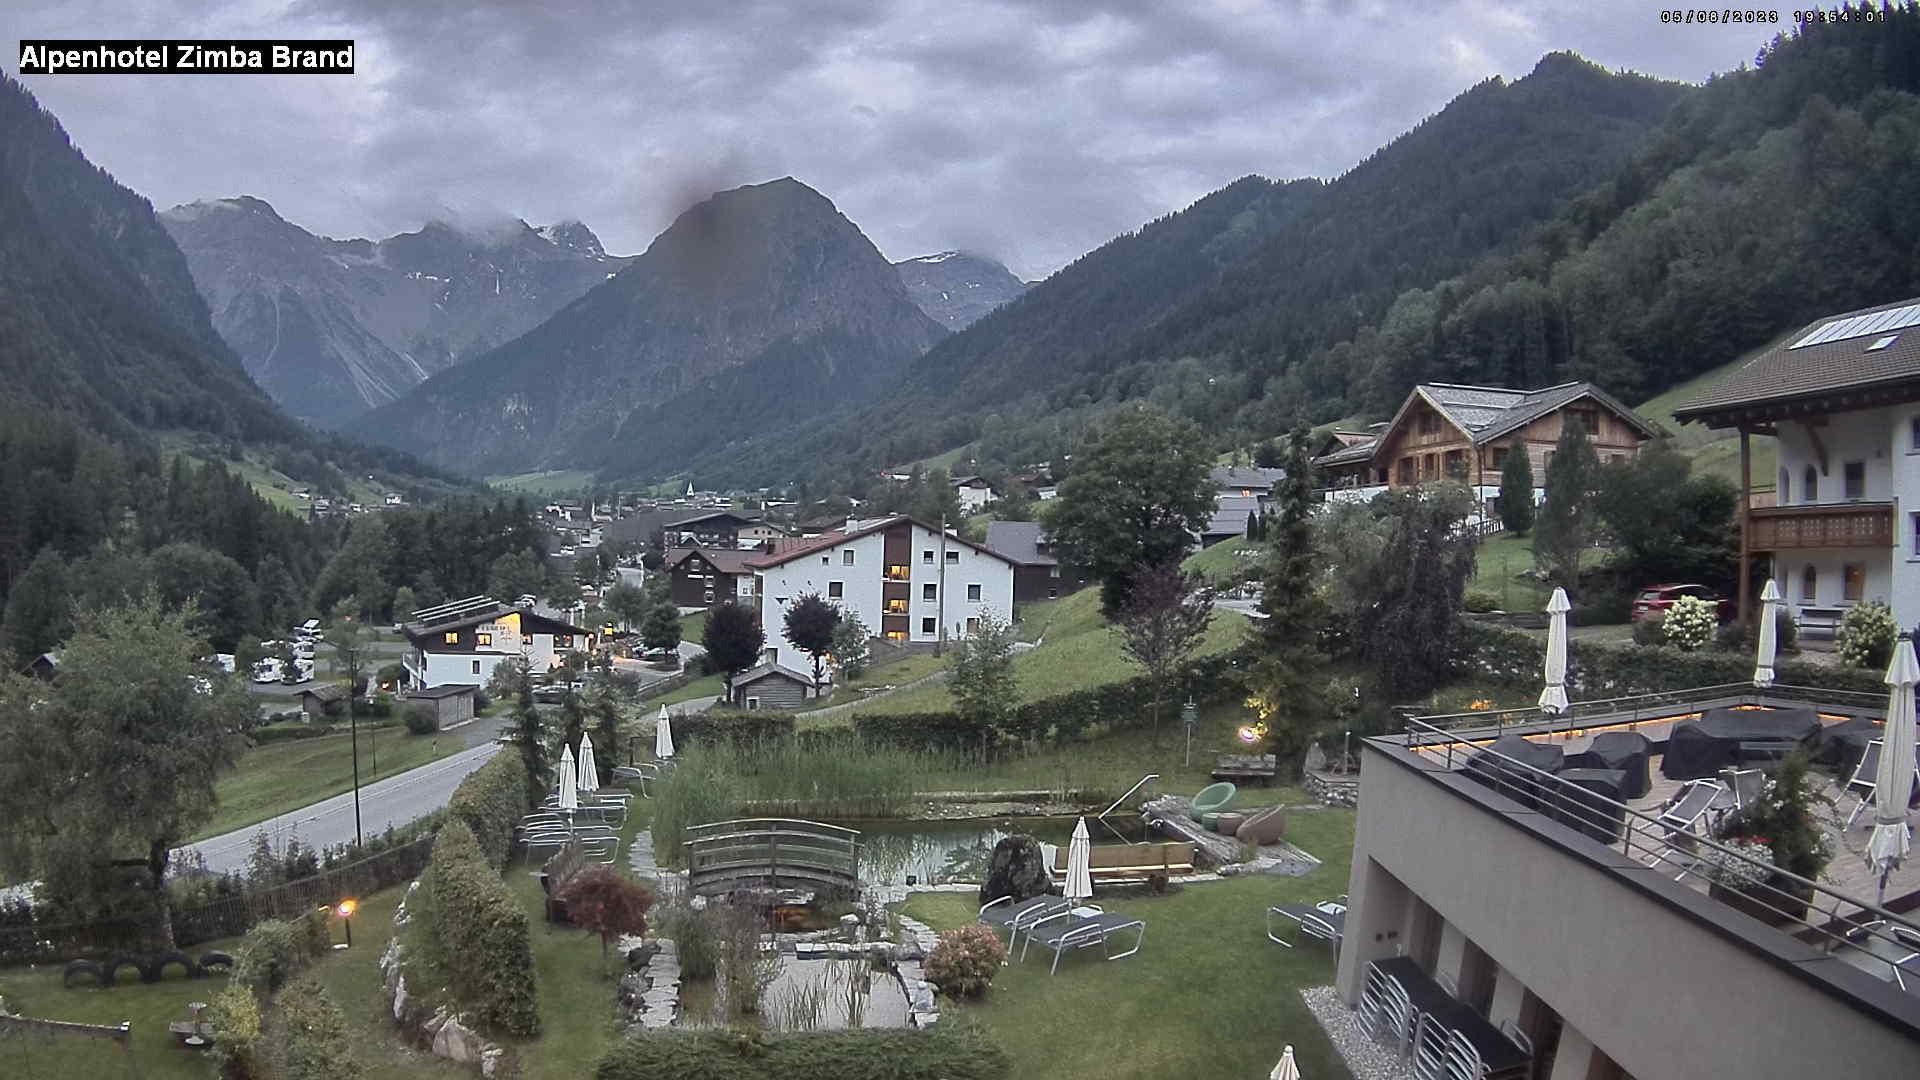 Blick vom Alpenhotel auf Brand und zum Zimba